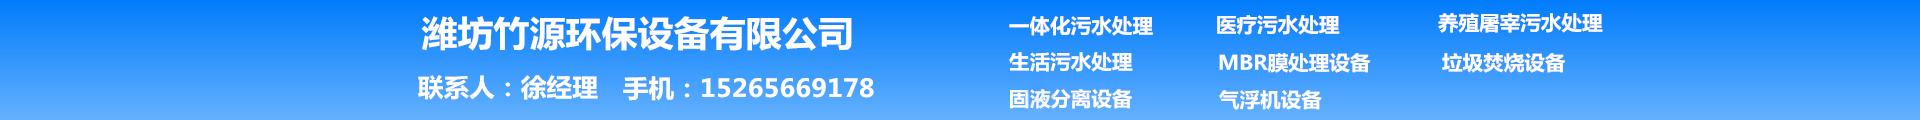 濰坊竹源環保設備有限公司